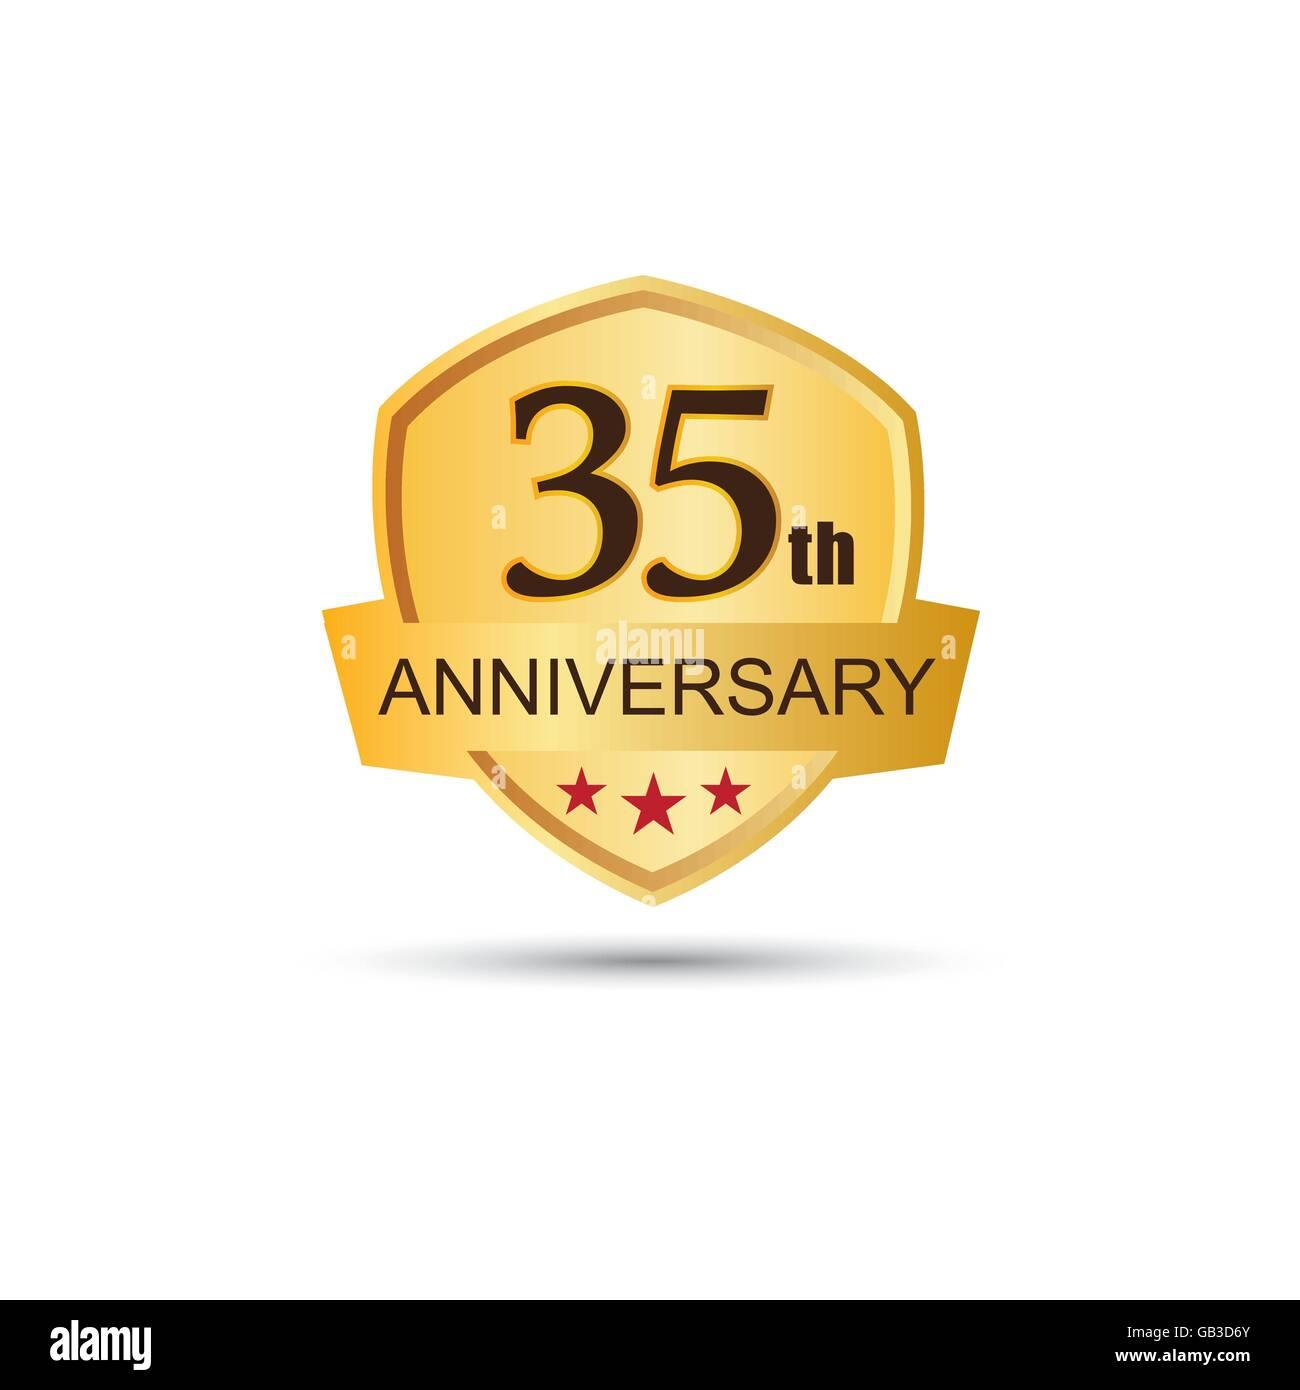 Golden badge 35 years anniversary logo - Stock Image